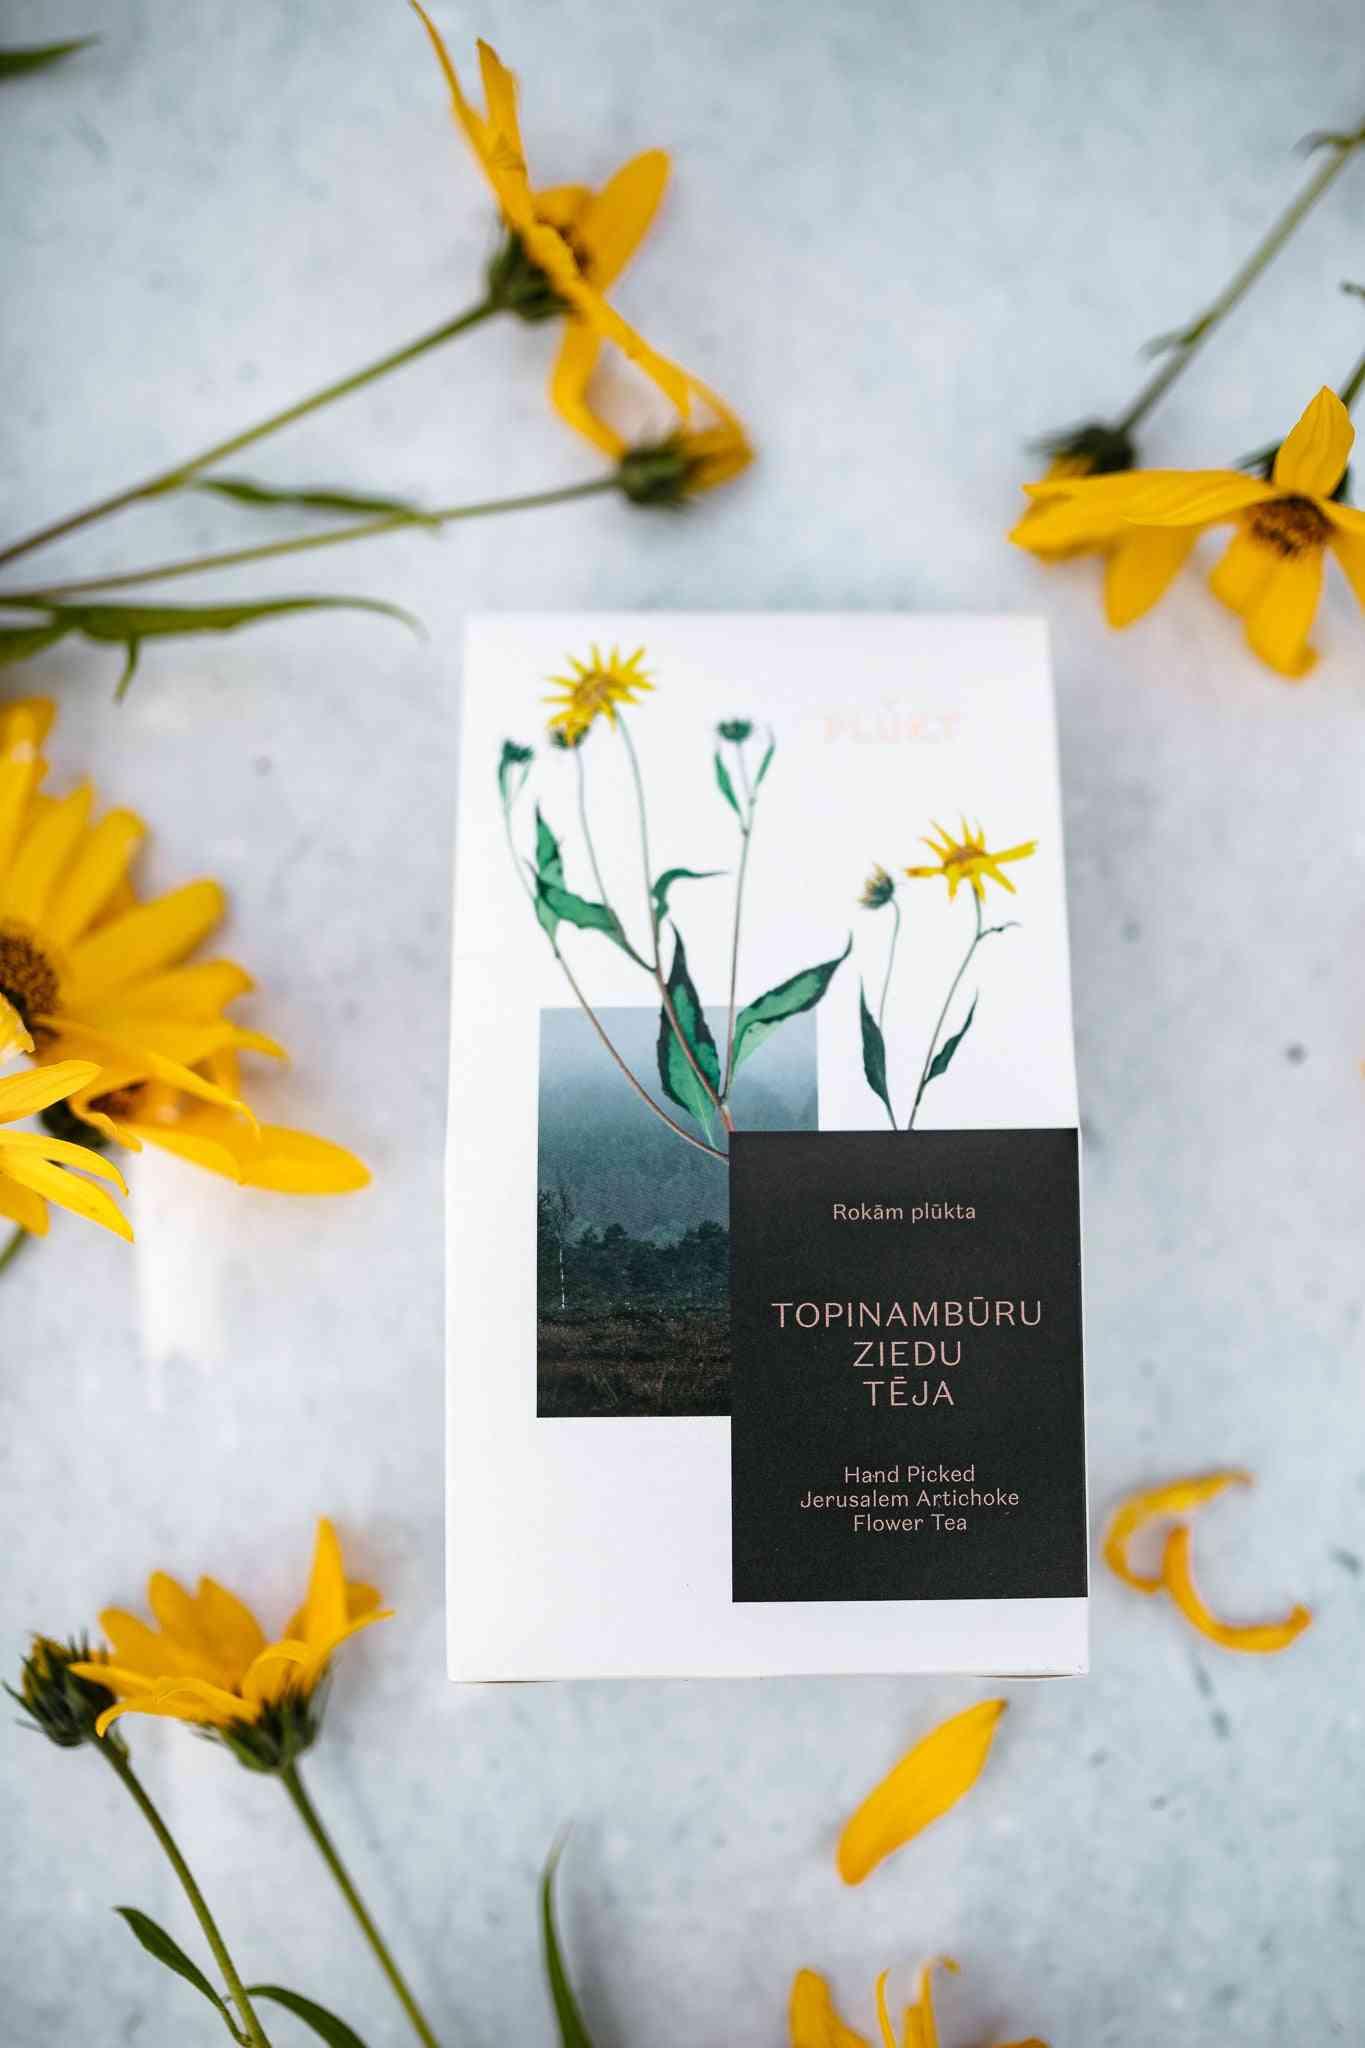 Jerusalem Artichoke Flower Tea